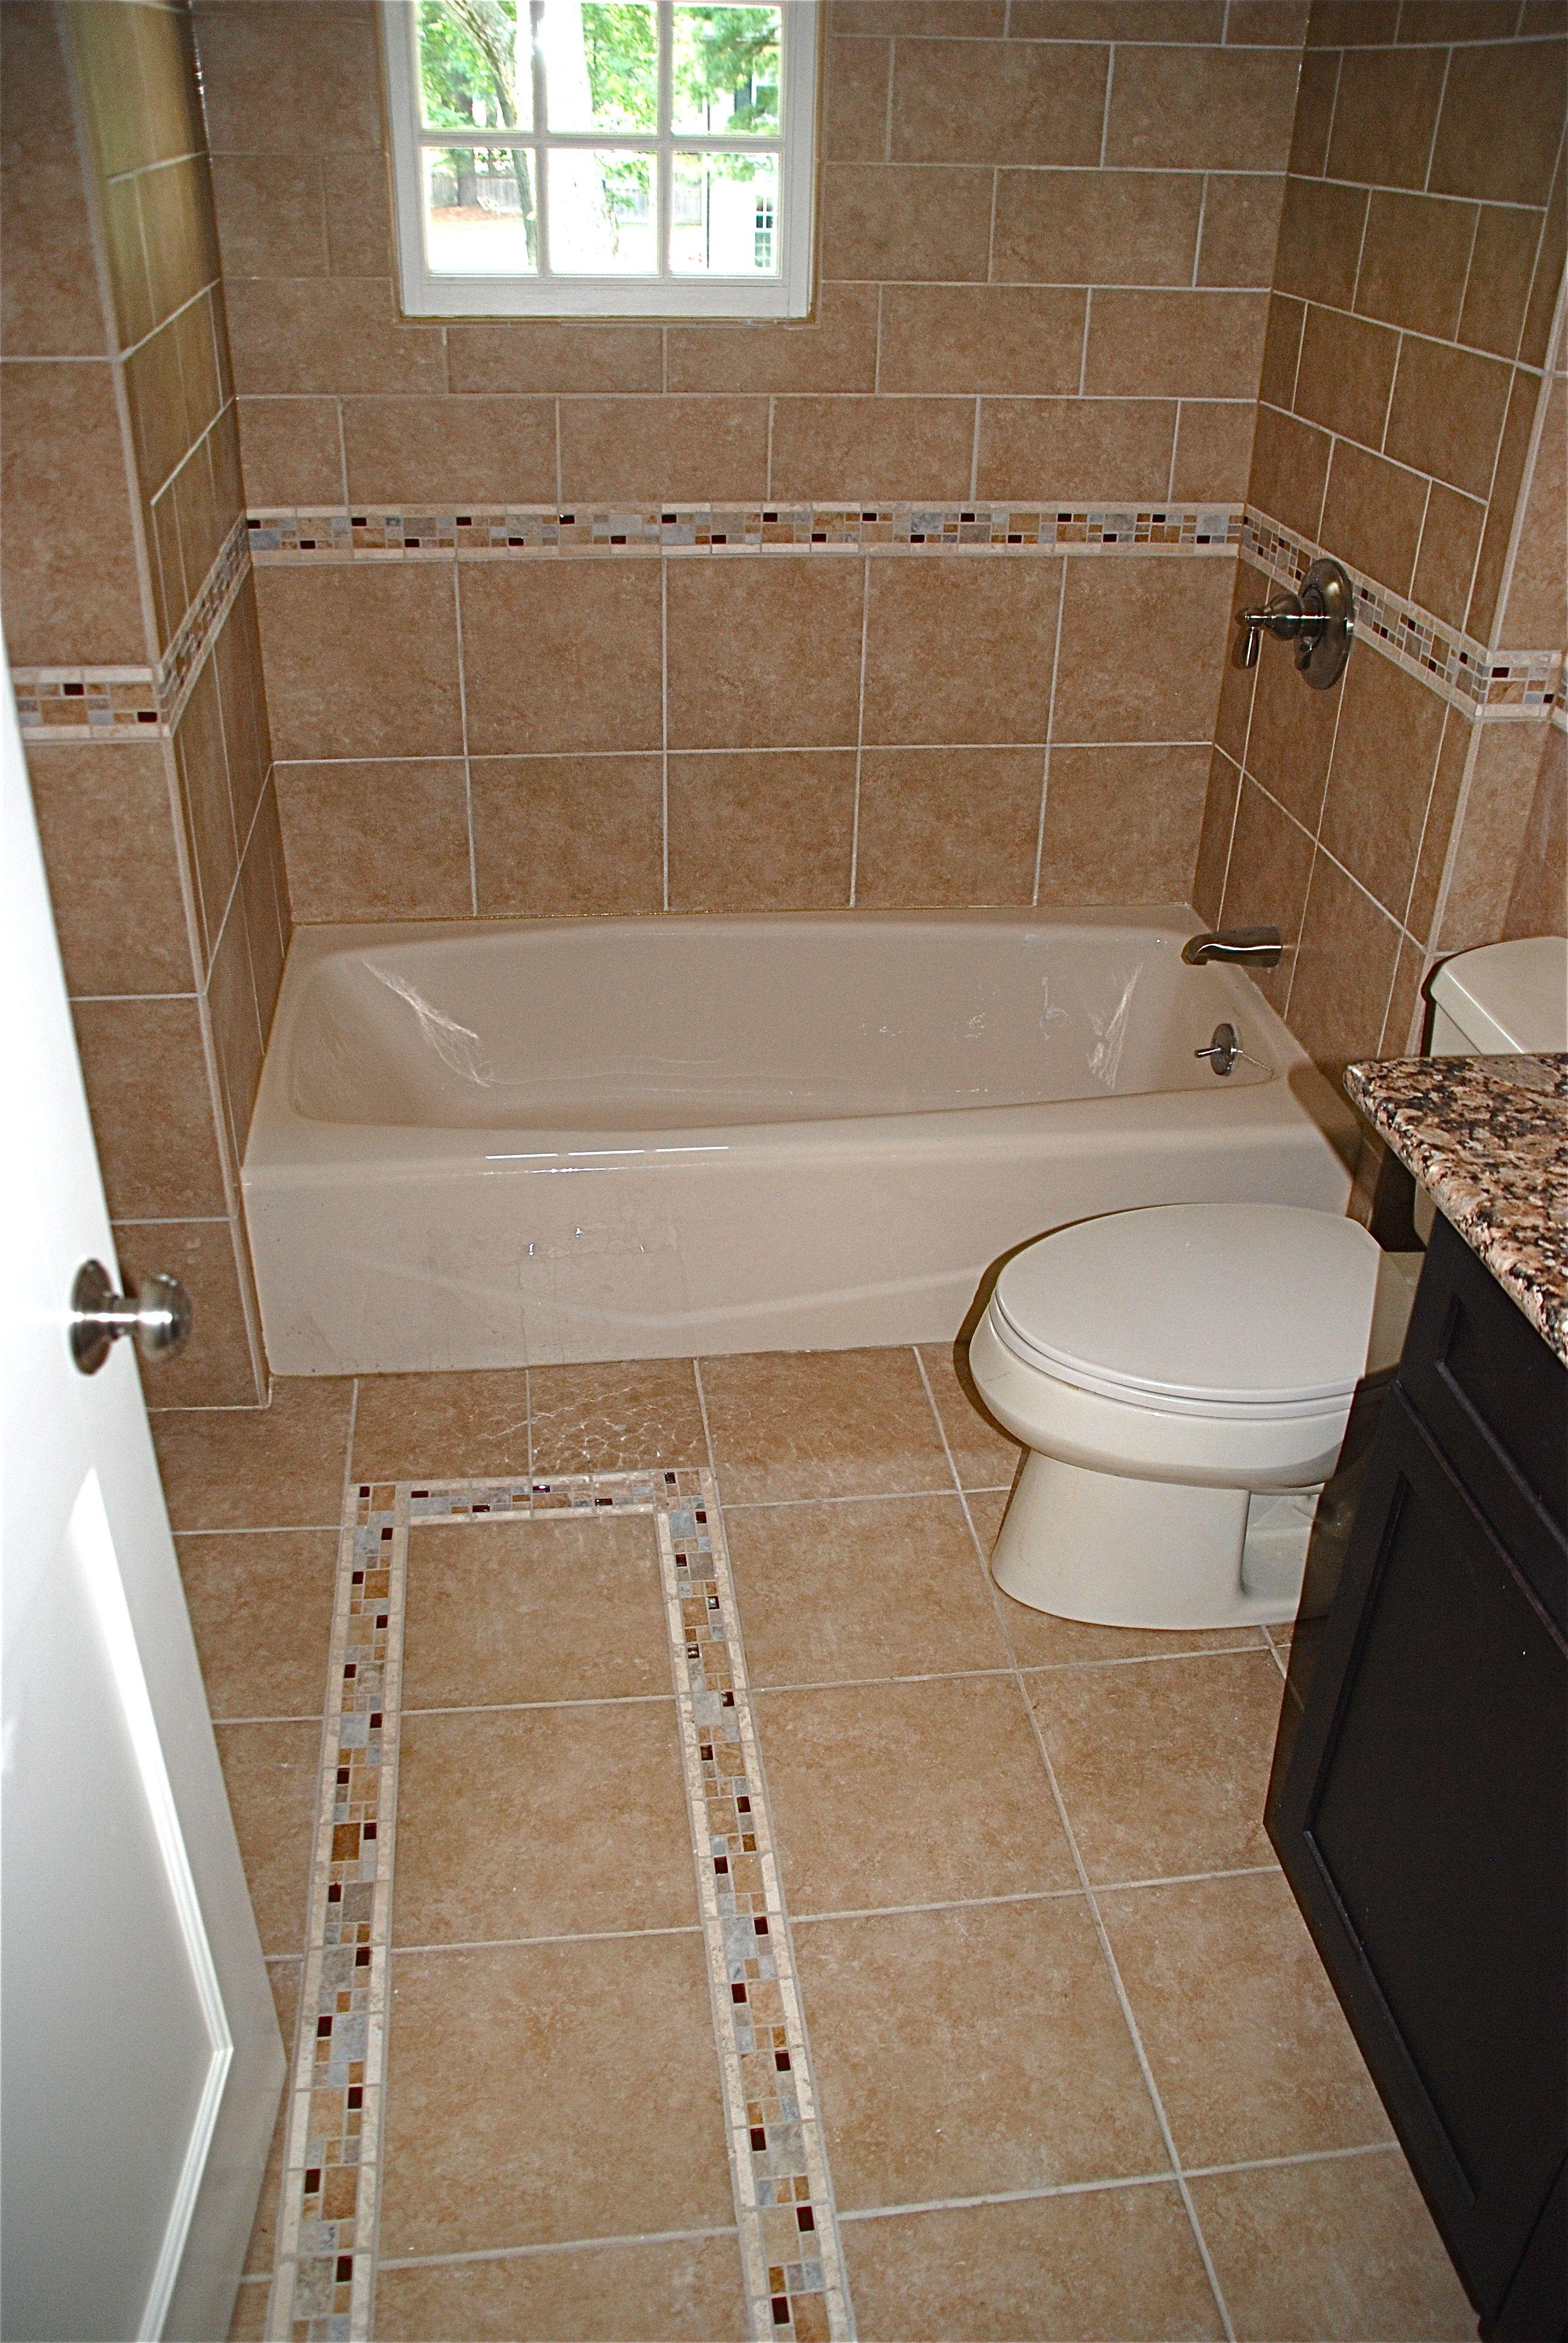 Bathroom Tile Designs Home Depot Home Depot Bathroom Home Depot Bathroom Tile Bathroom Tile Designs